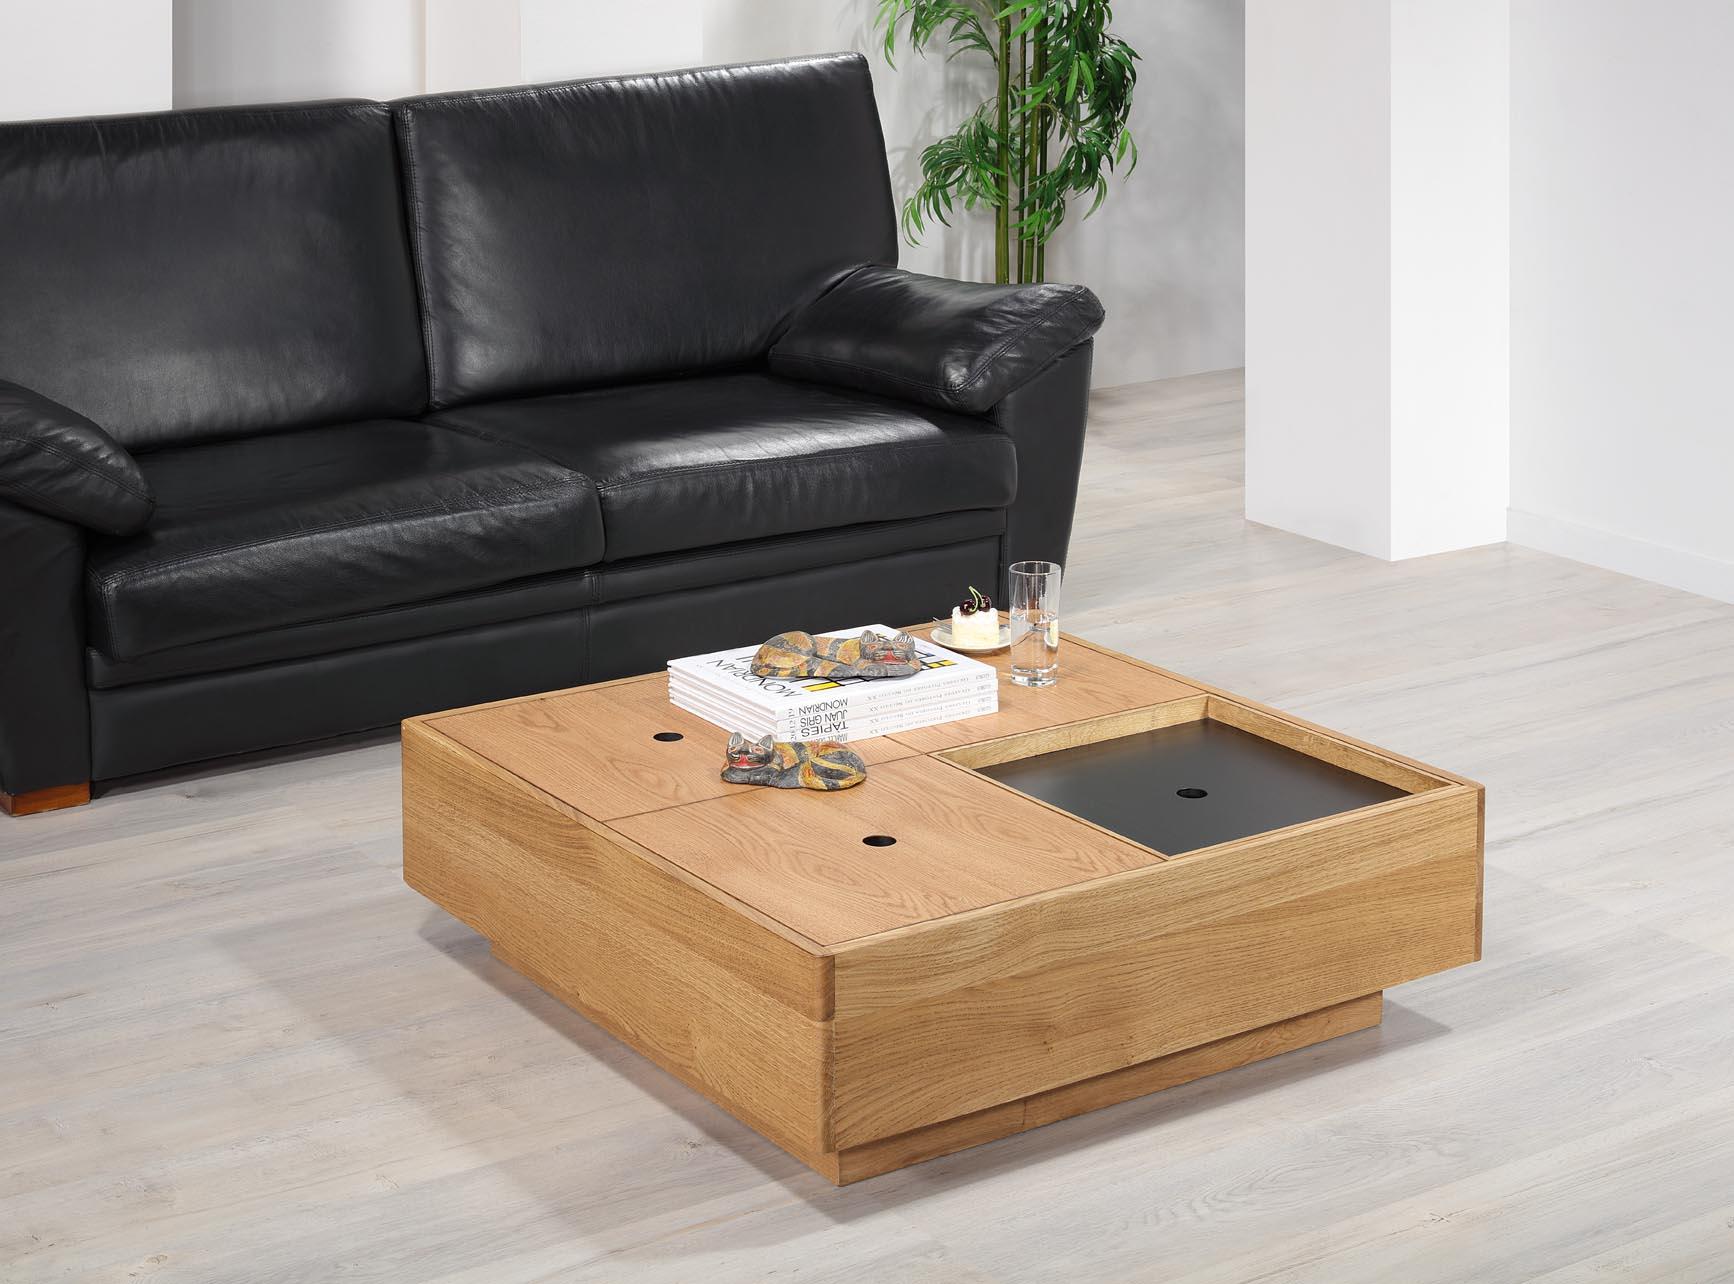 Table basse carrée 90x90 en Chêne de Ligne contemporaine coffres rangements